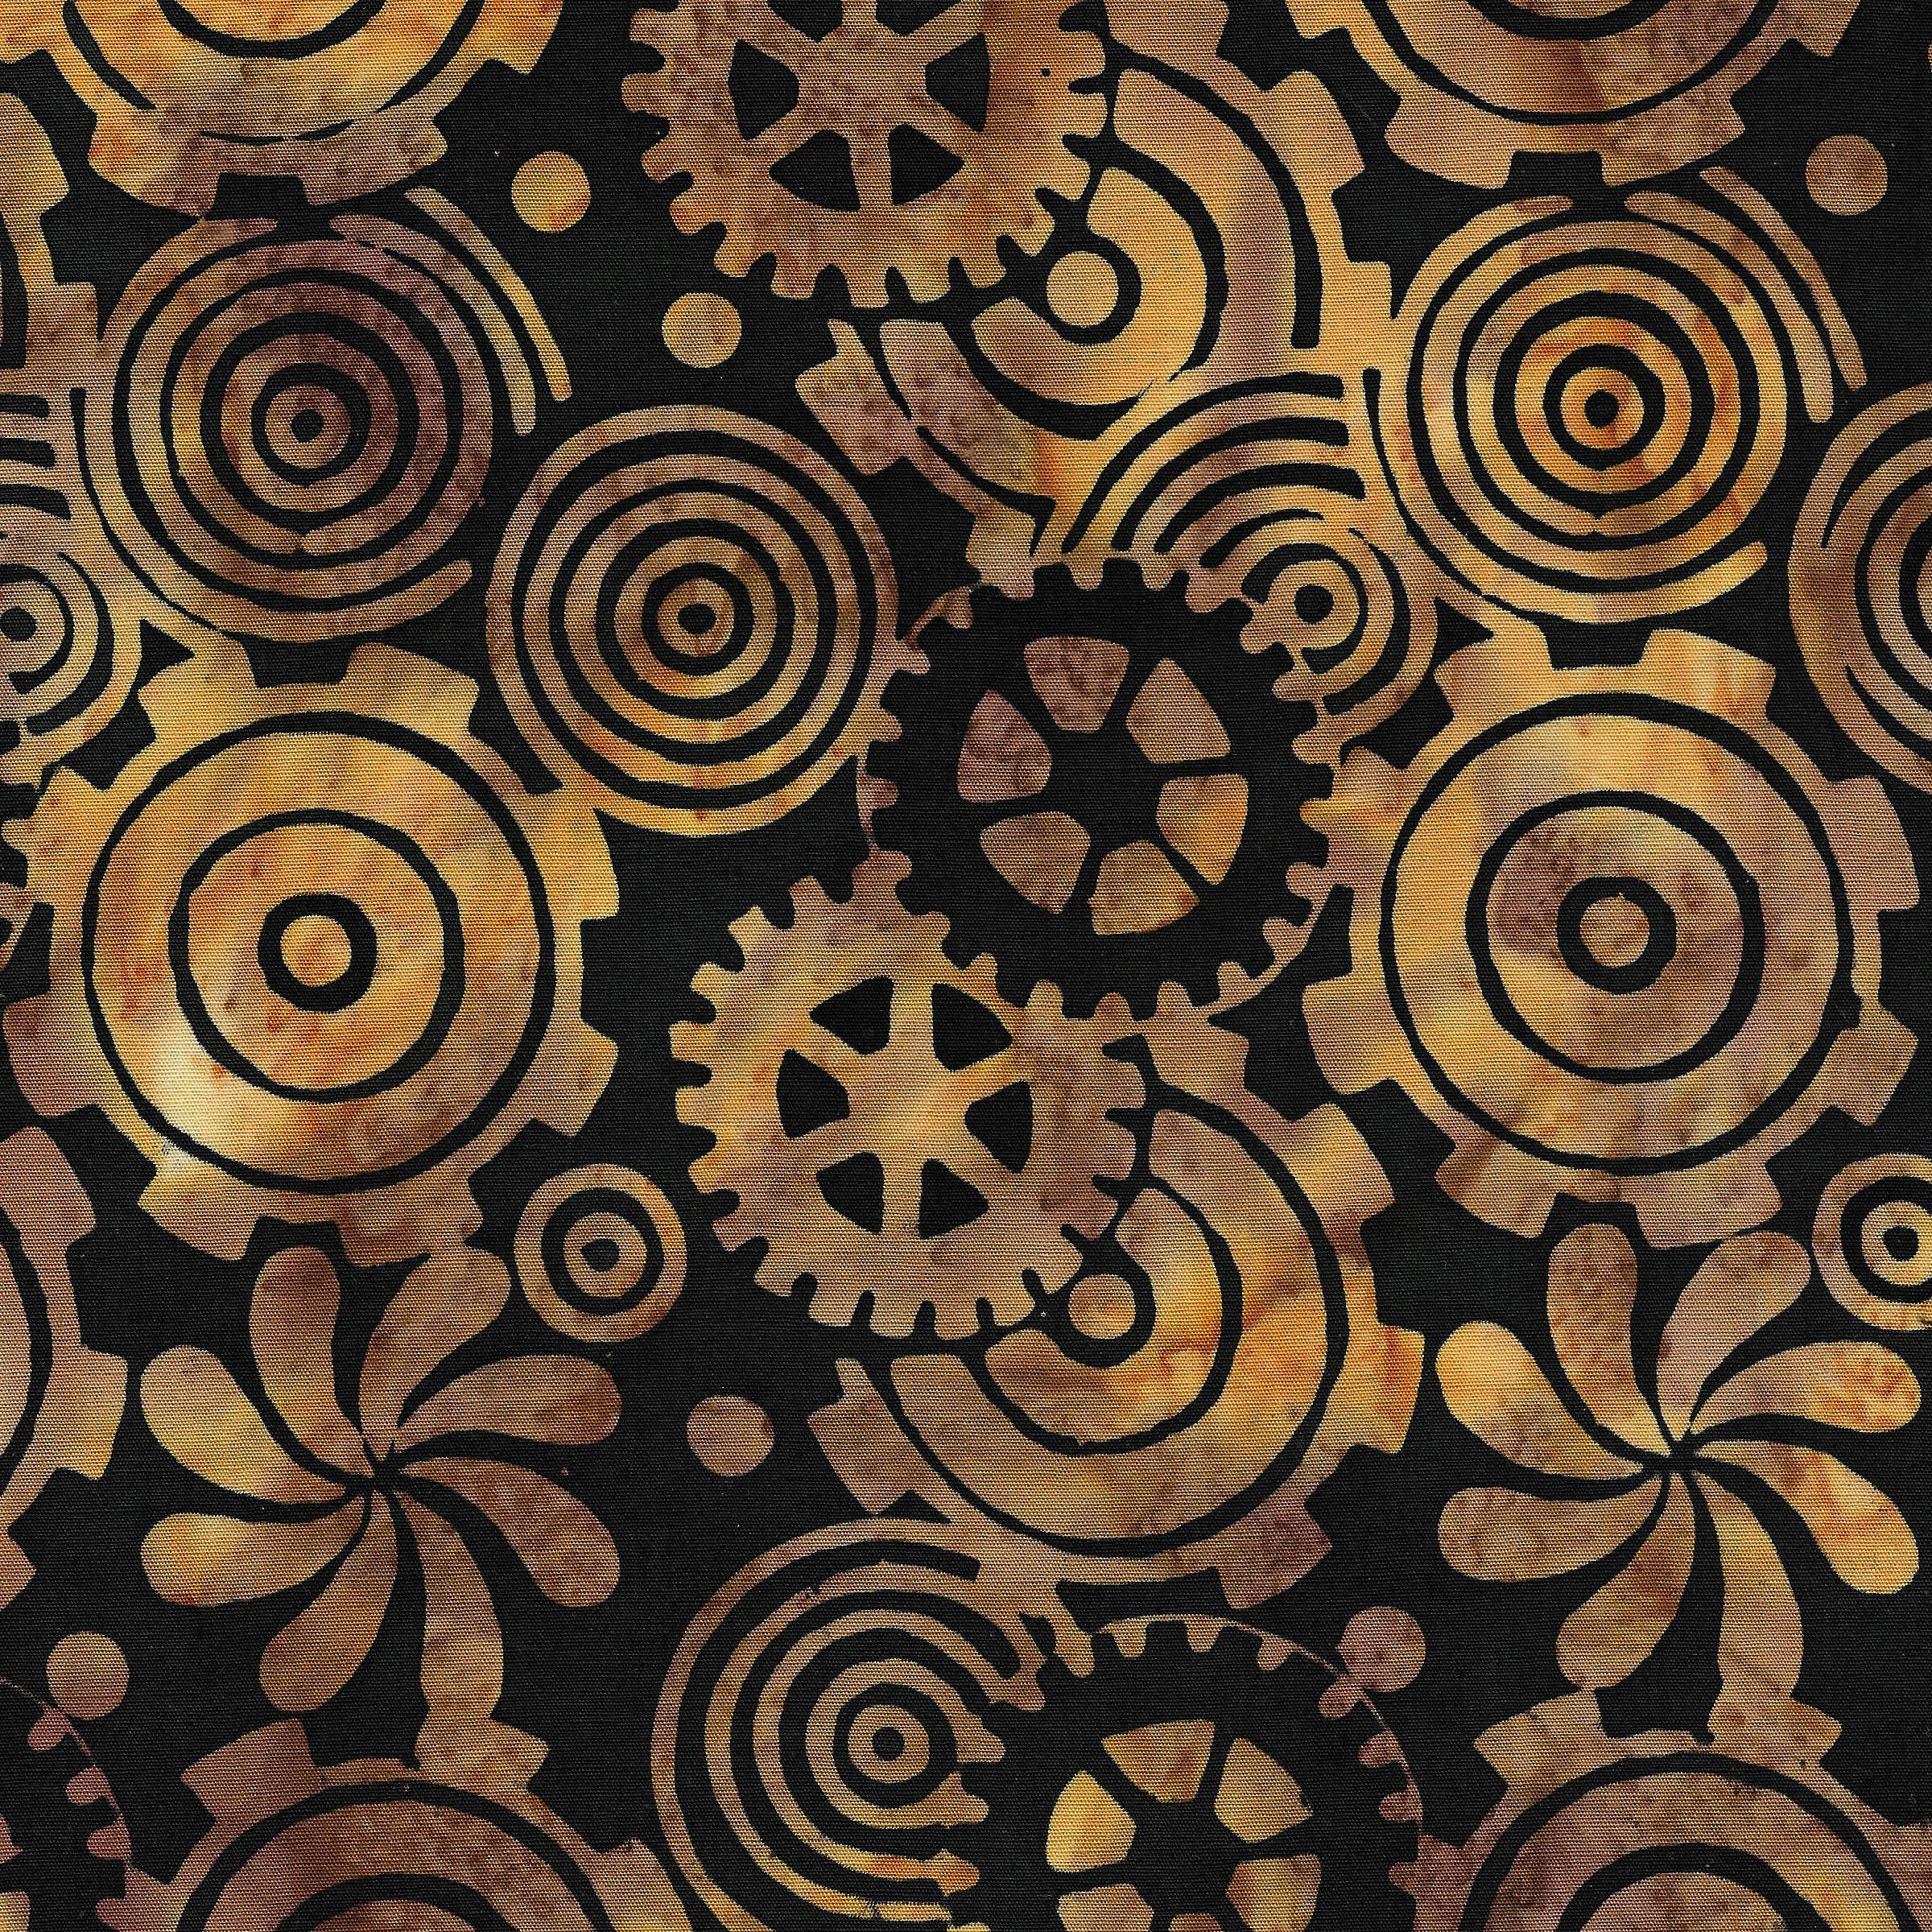 Island Batik 111915048 Gears-Blonde Ale